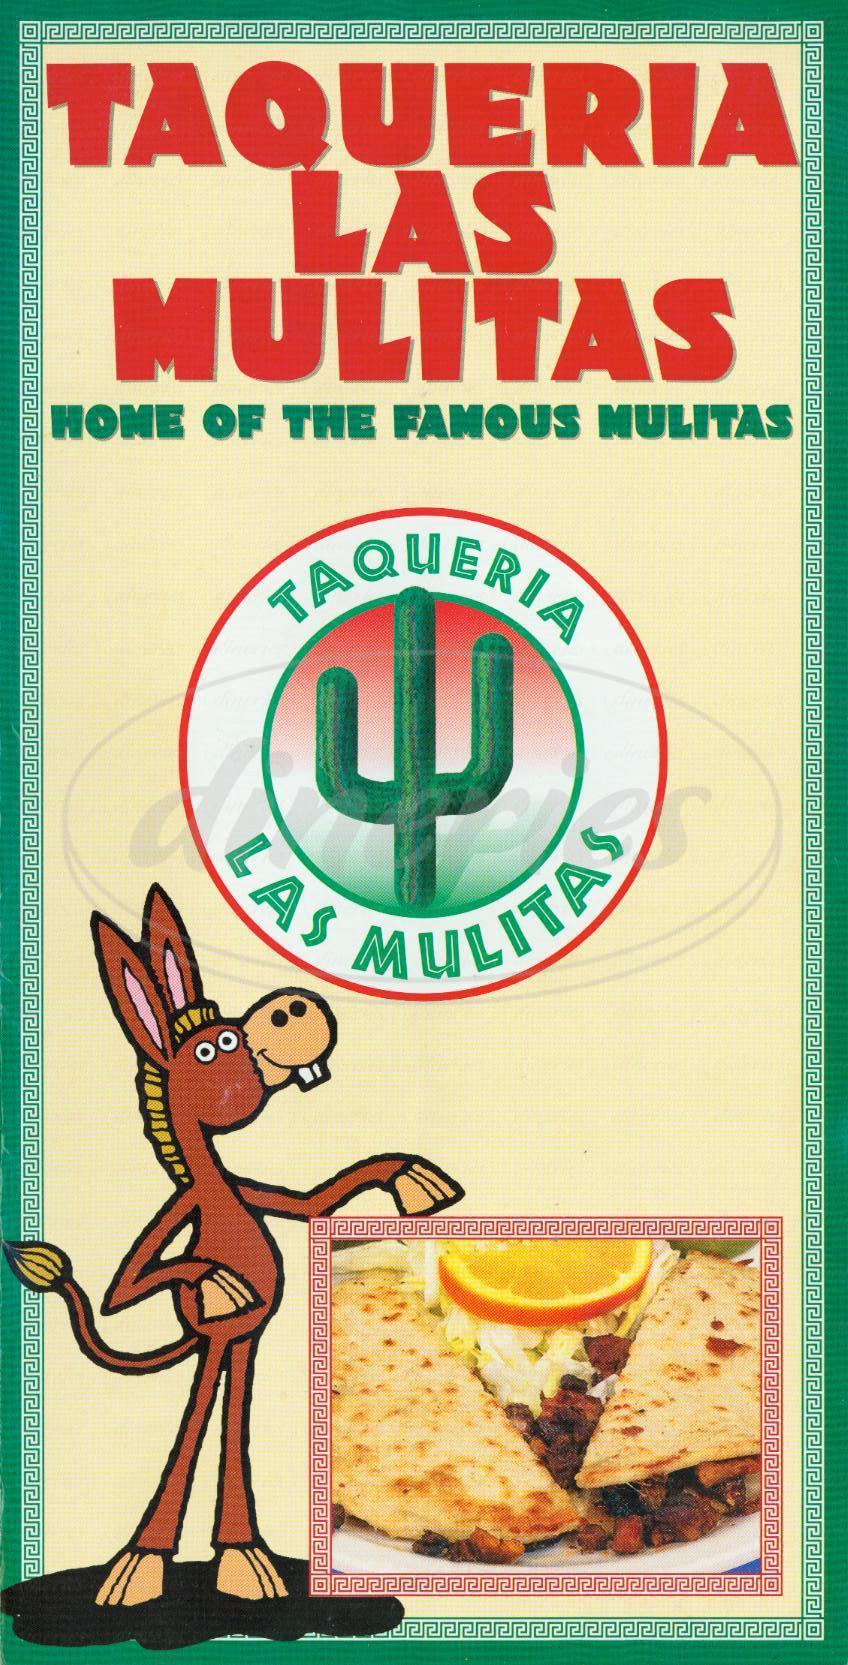 menu for Taqueria Las Mulitas